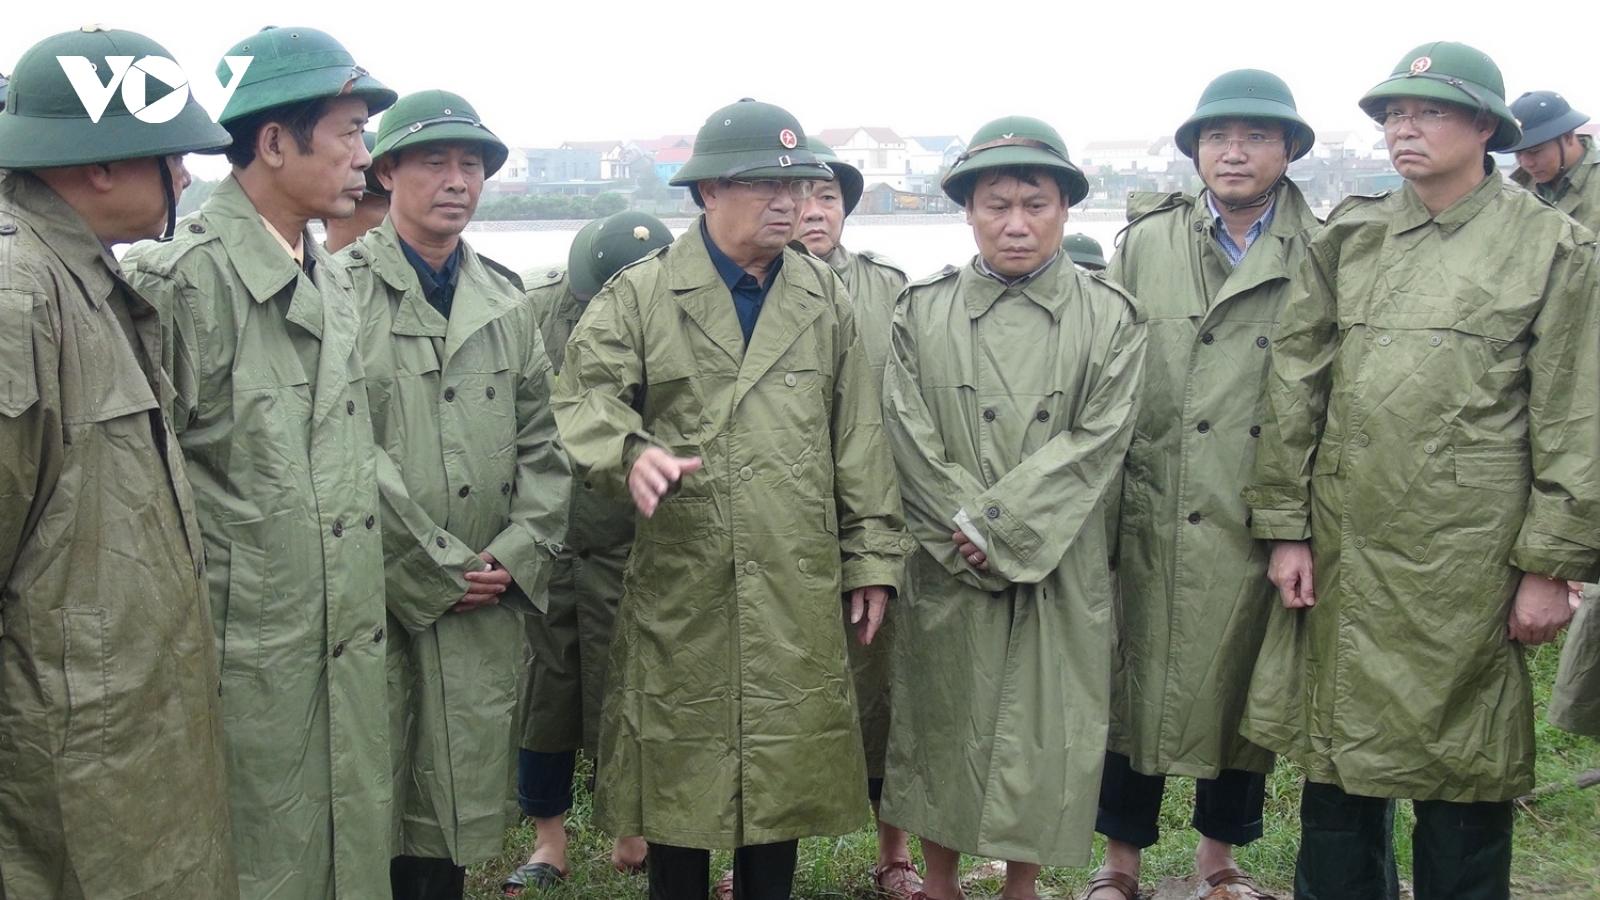 Phó Thủ tướng Trịnh Đình Dũng chỉ đạo công tác phòng chống lũ tại Quảng Bình